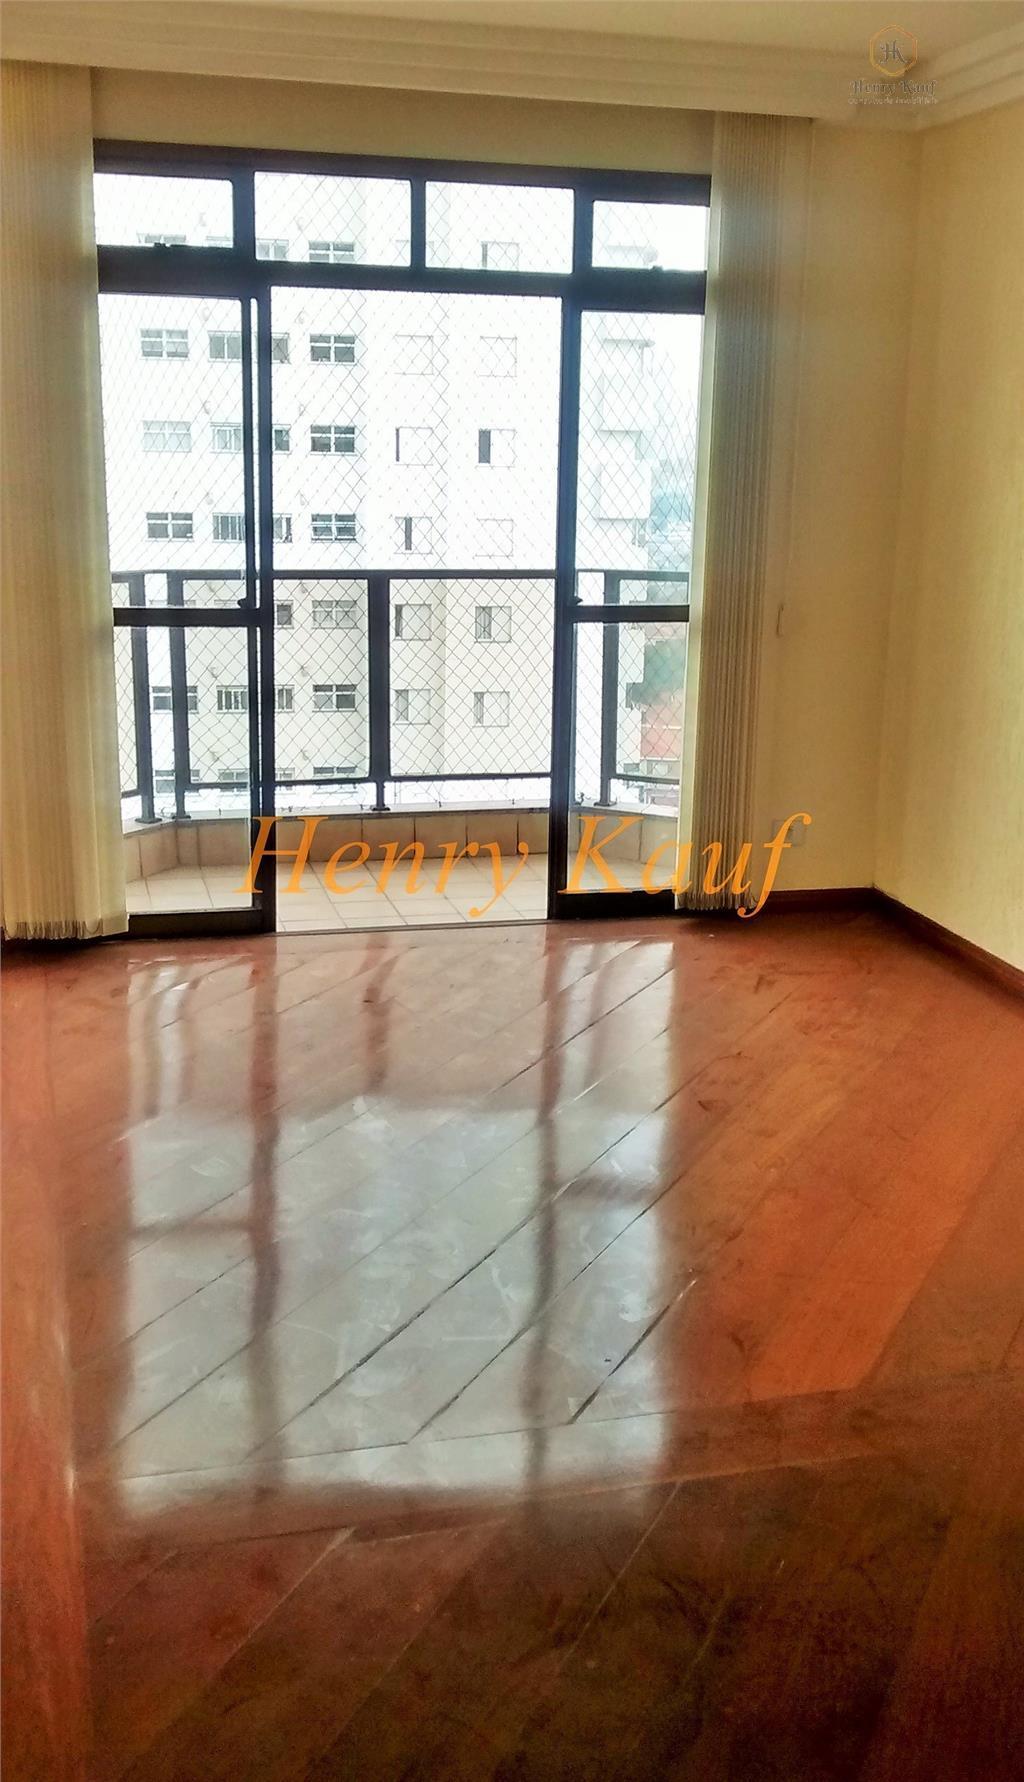 Cobertura Duplex com 180 m², 3 dorm. duas vagas, Vila Gumercindo - São Paulo